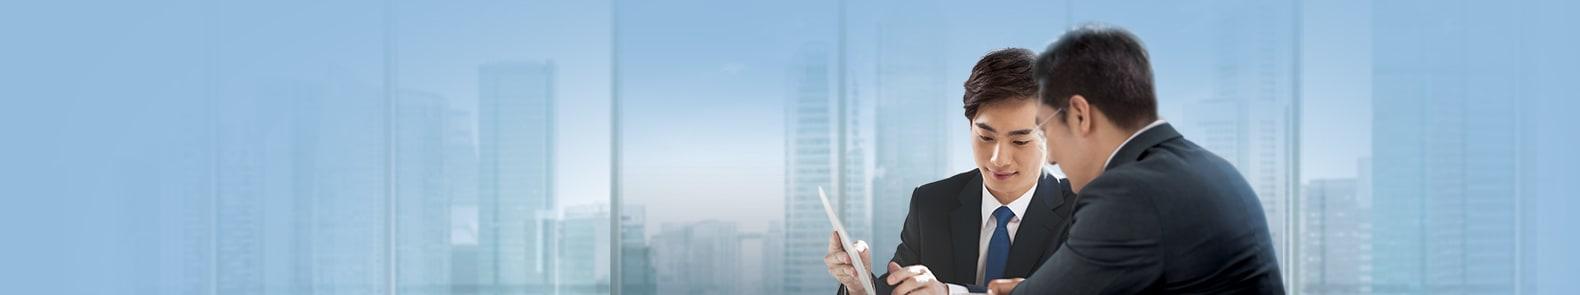 Hk corporate partners promo